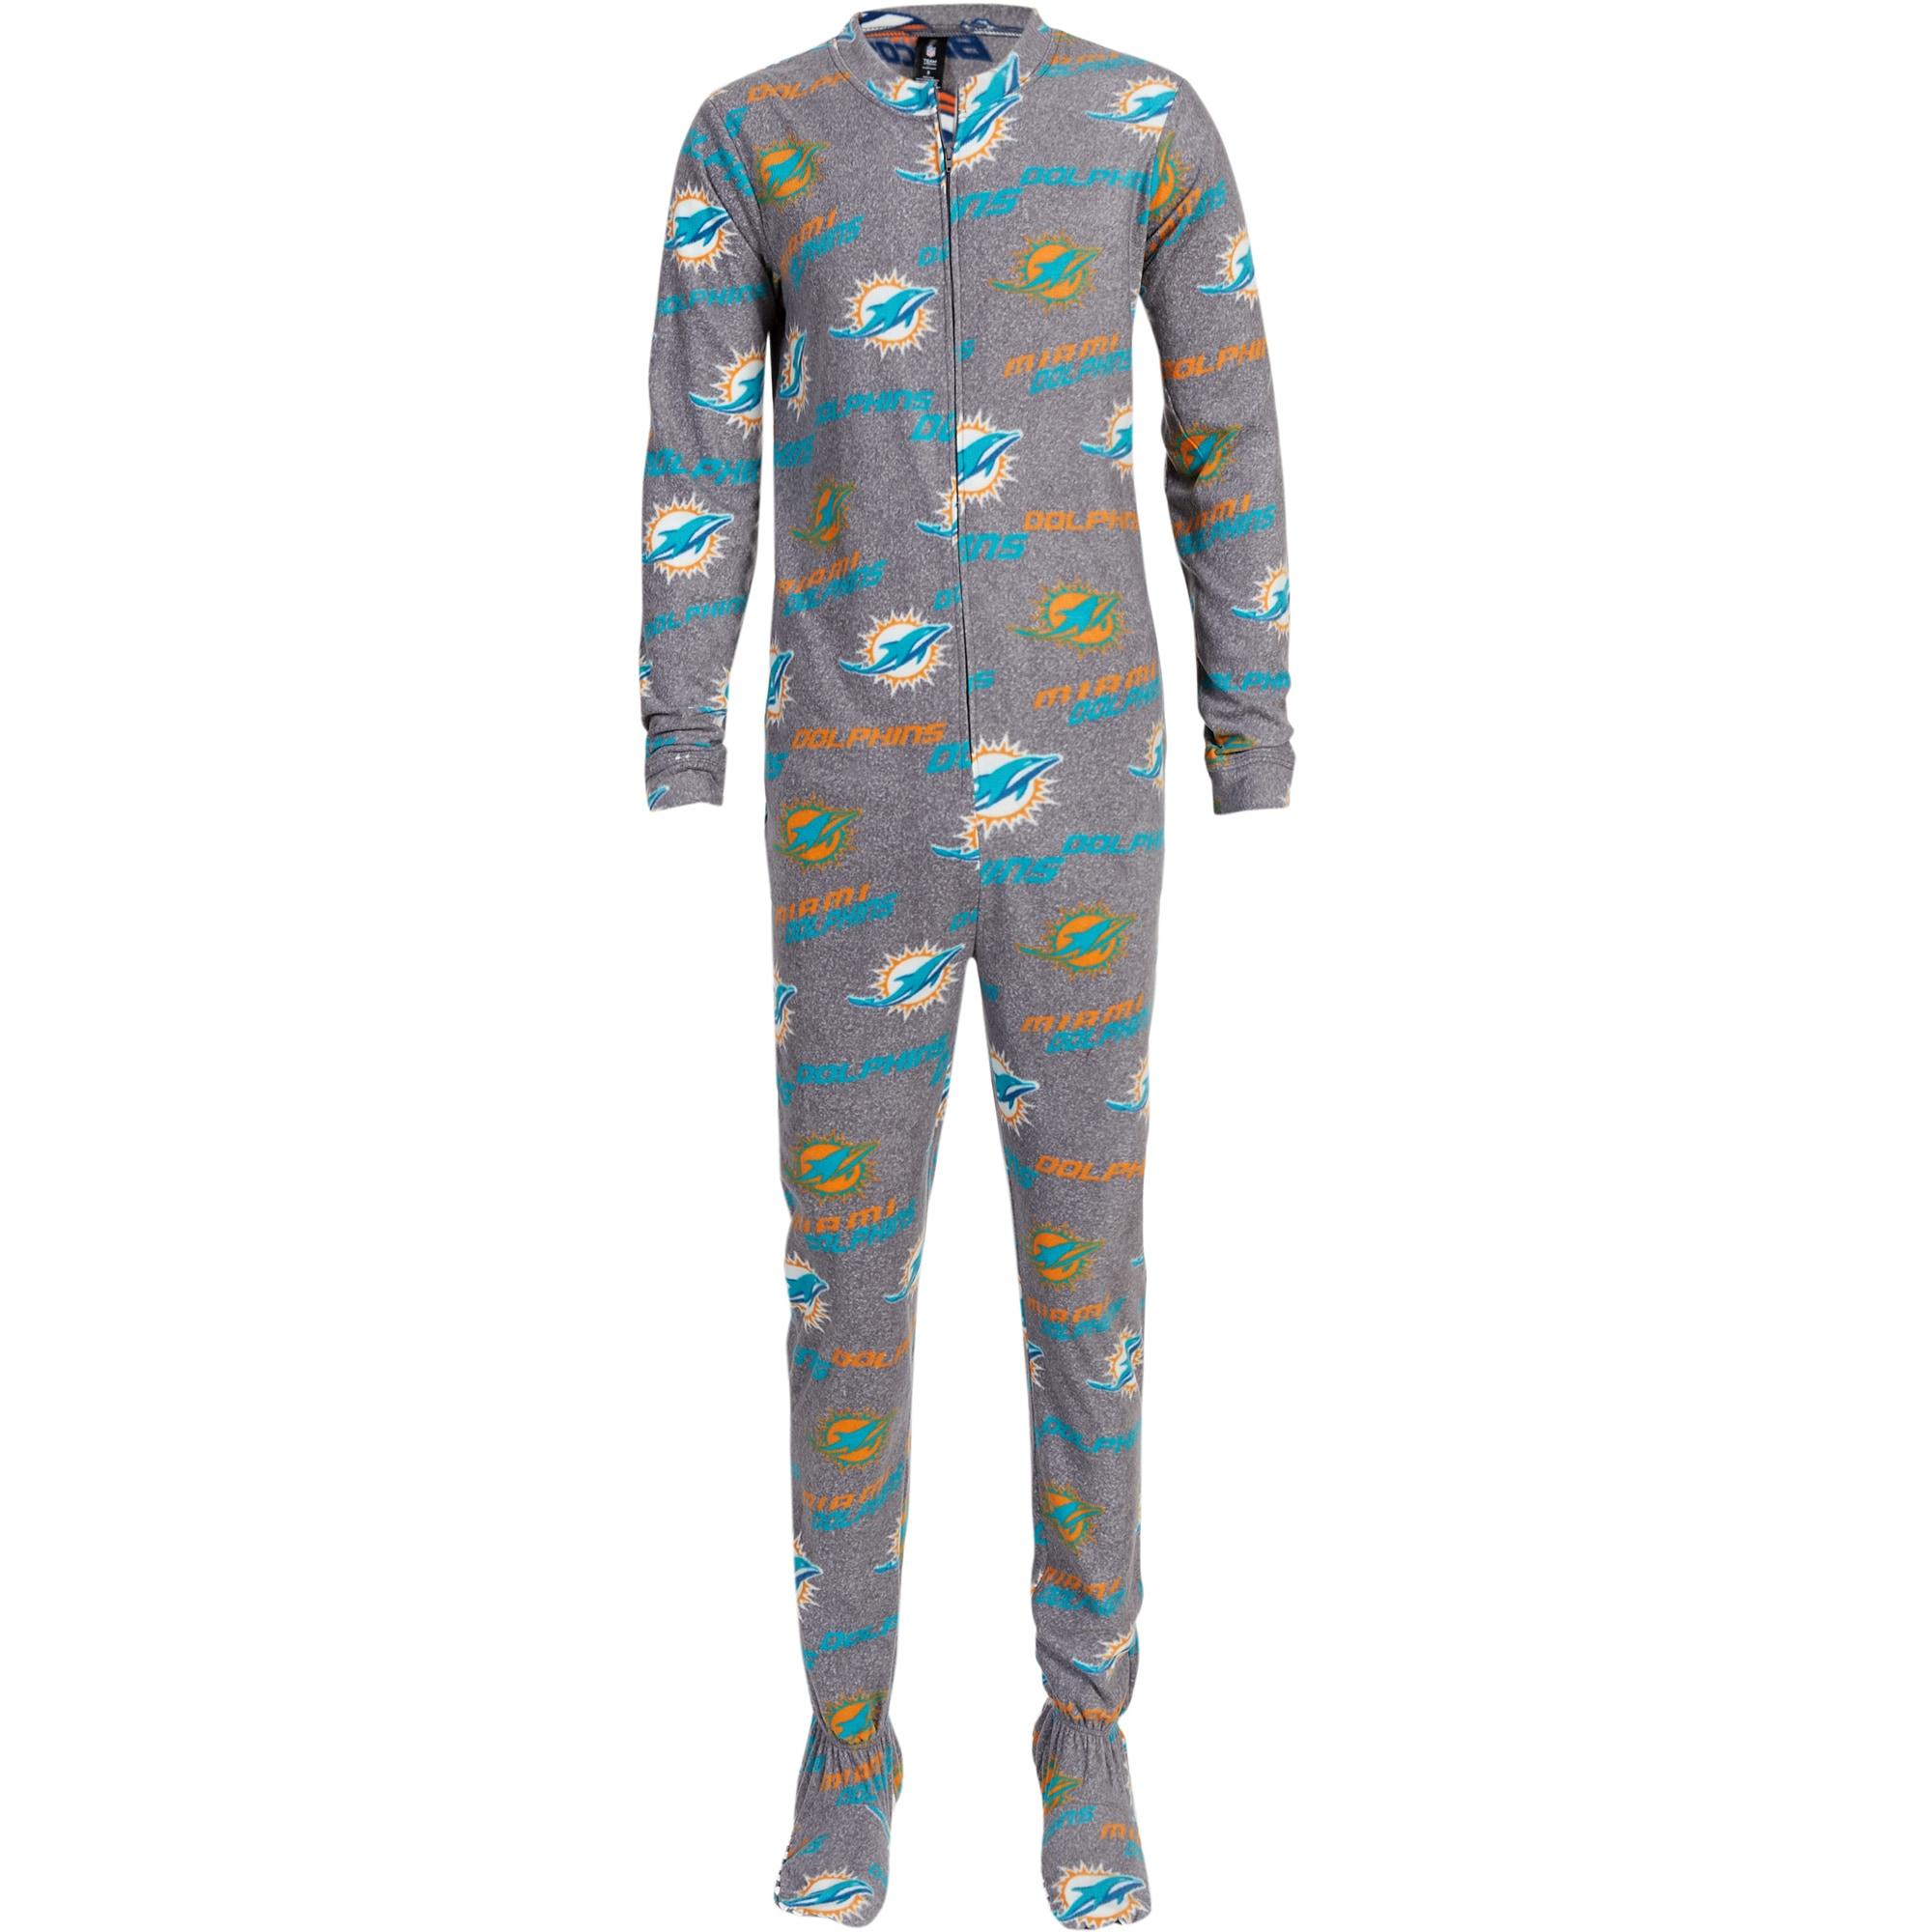 Miami Dolphins Concepts Sport Women's Achieve Fleece Union Suit - Gray